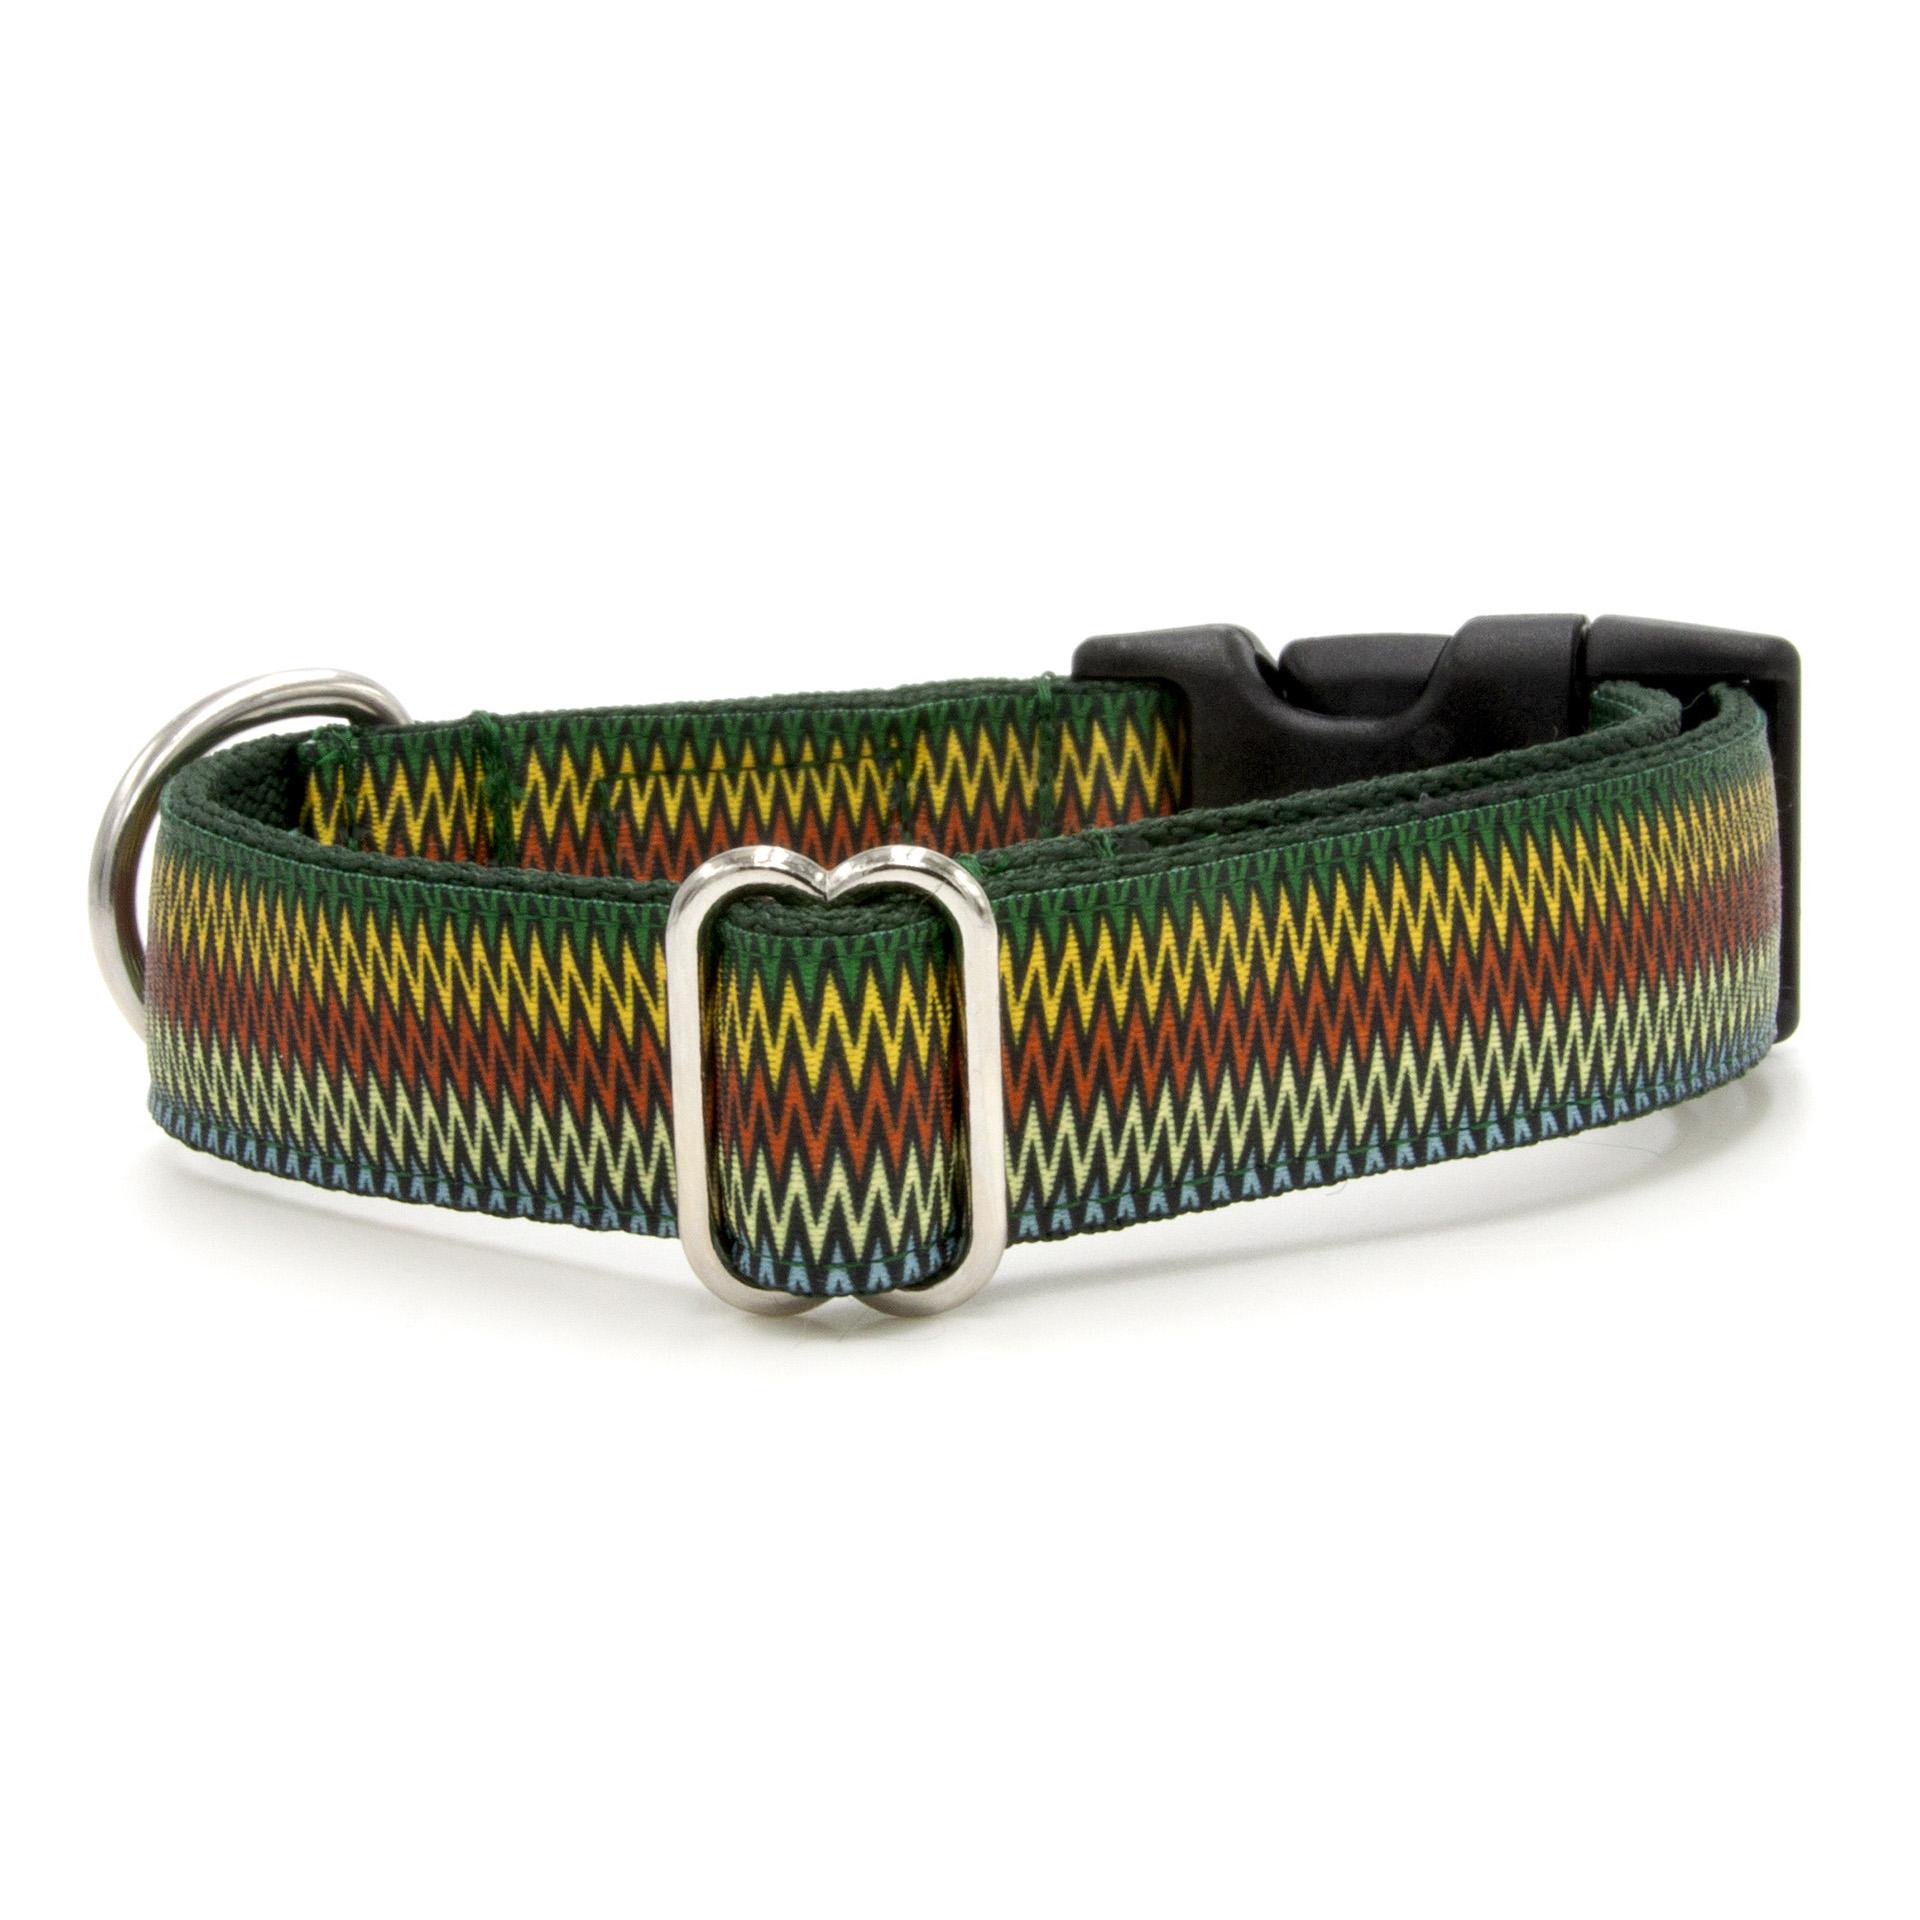 Wave dog collar